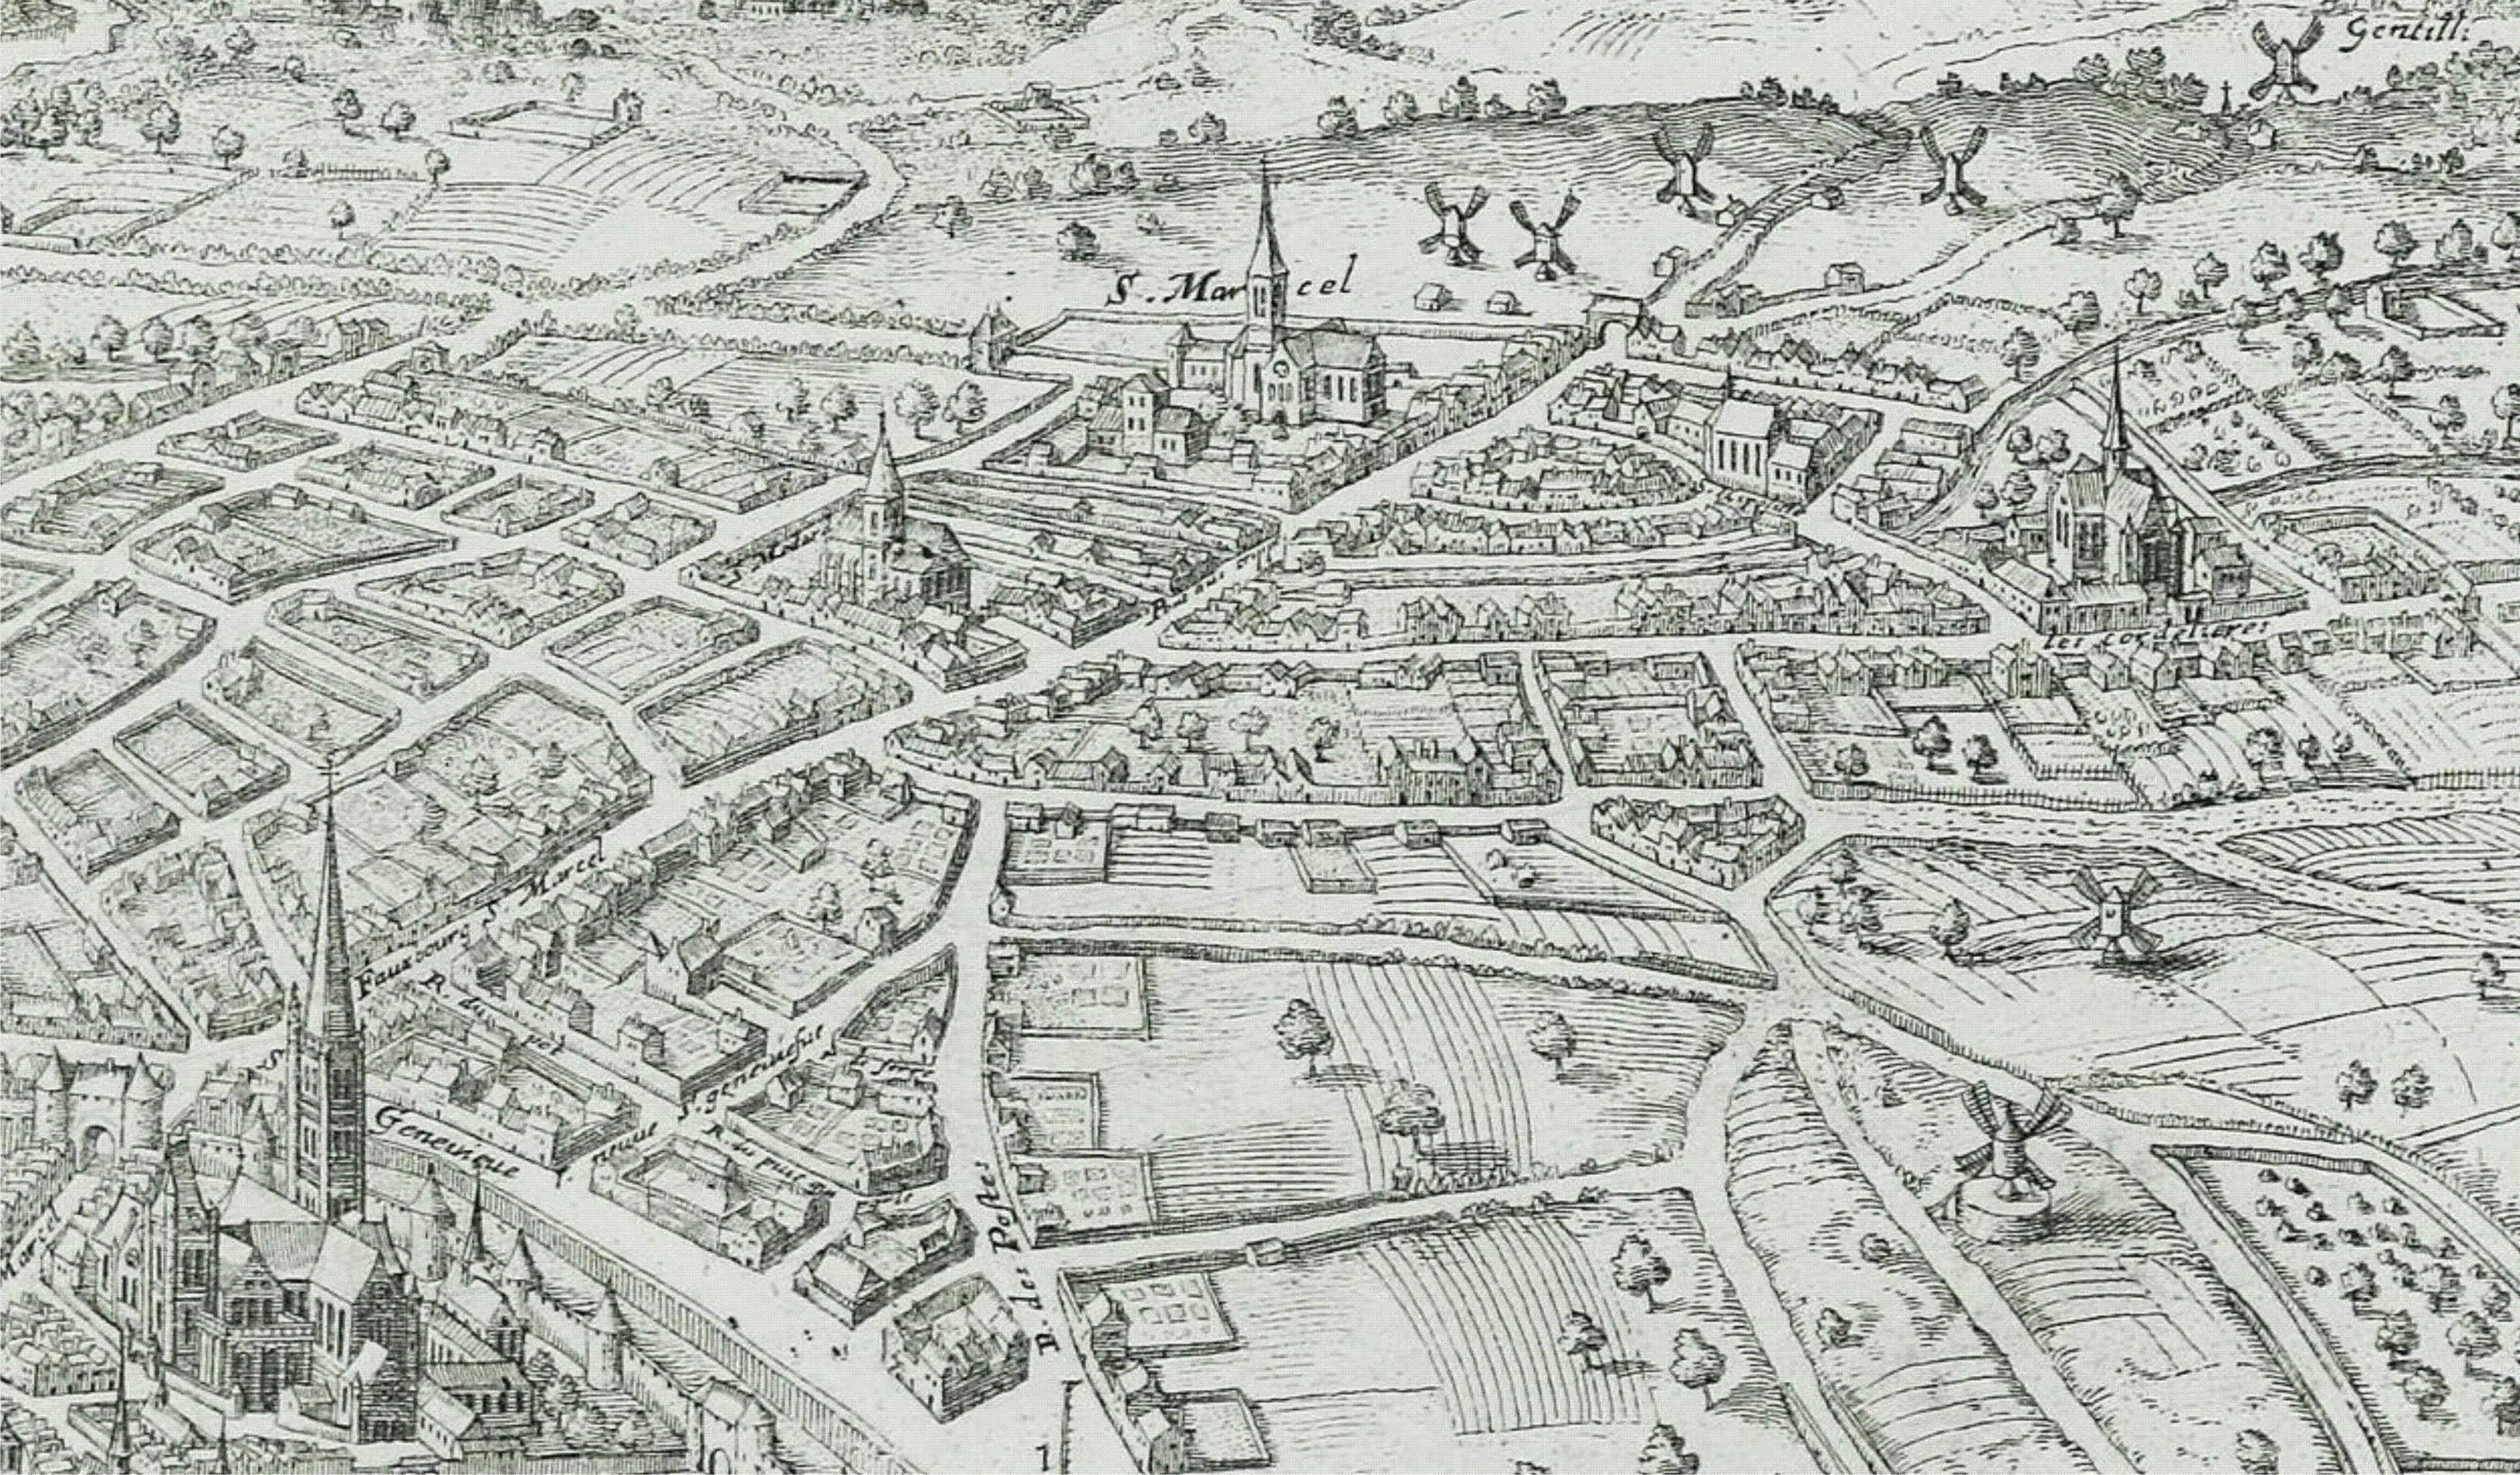 Le bourg saint marcel atlas historique de paris - Piscine de saint marcel ...